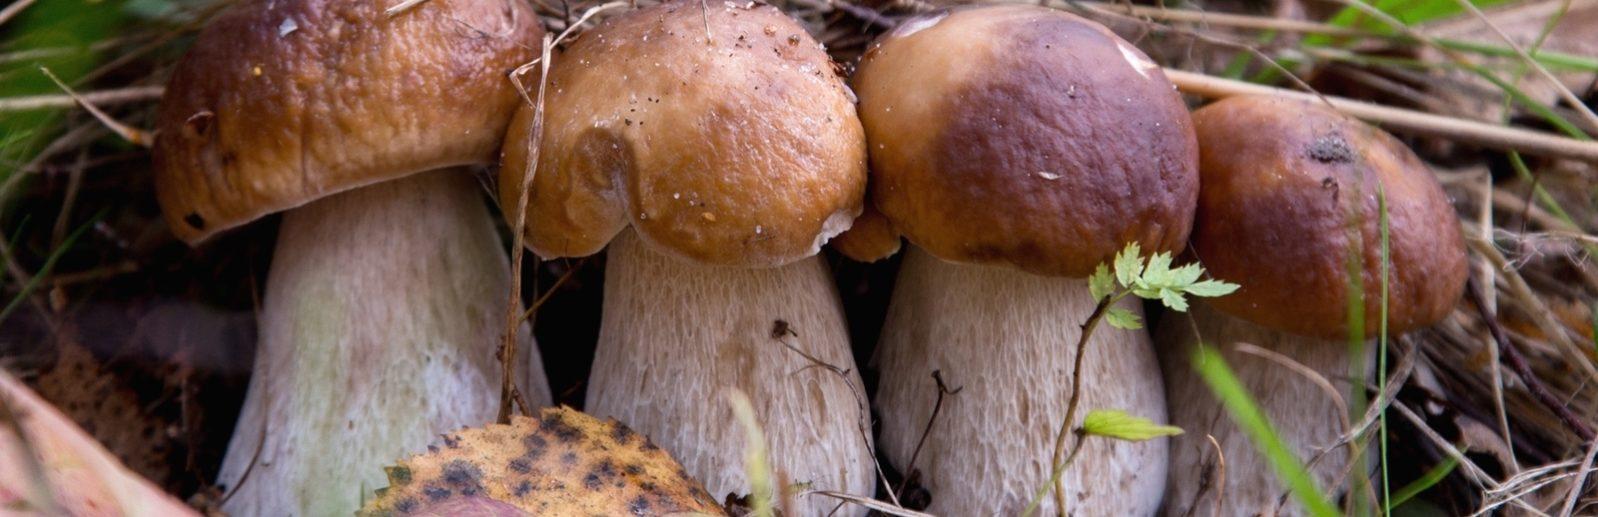 Грибы в Крымских лесах фото